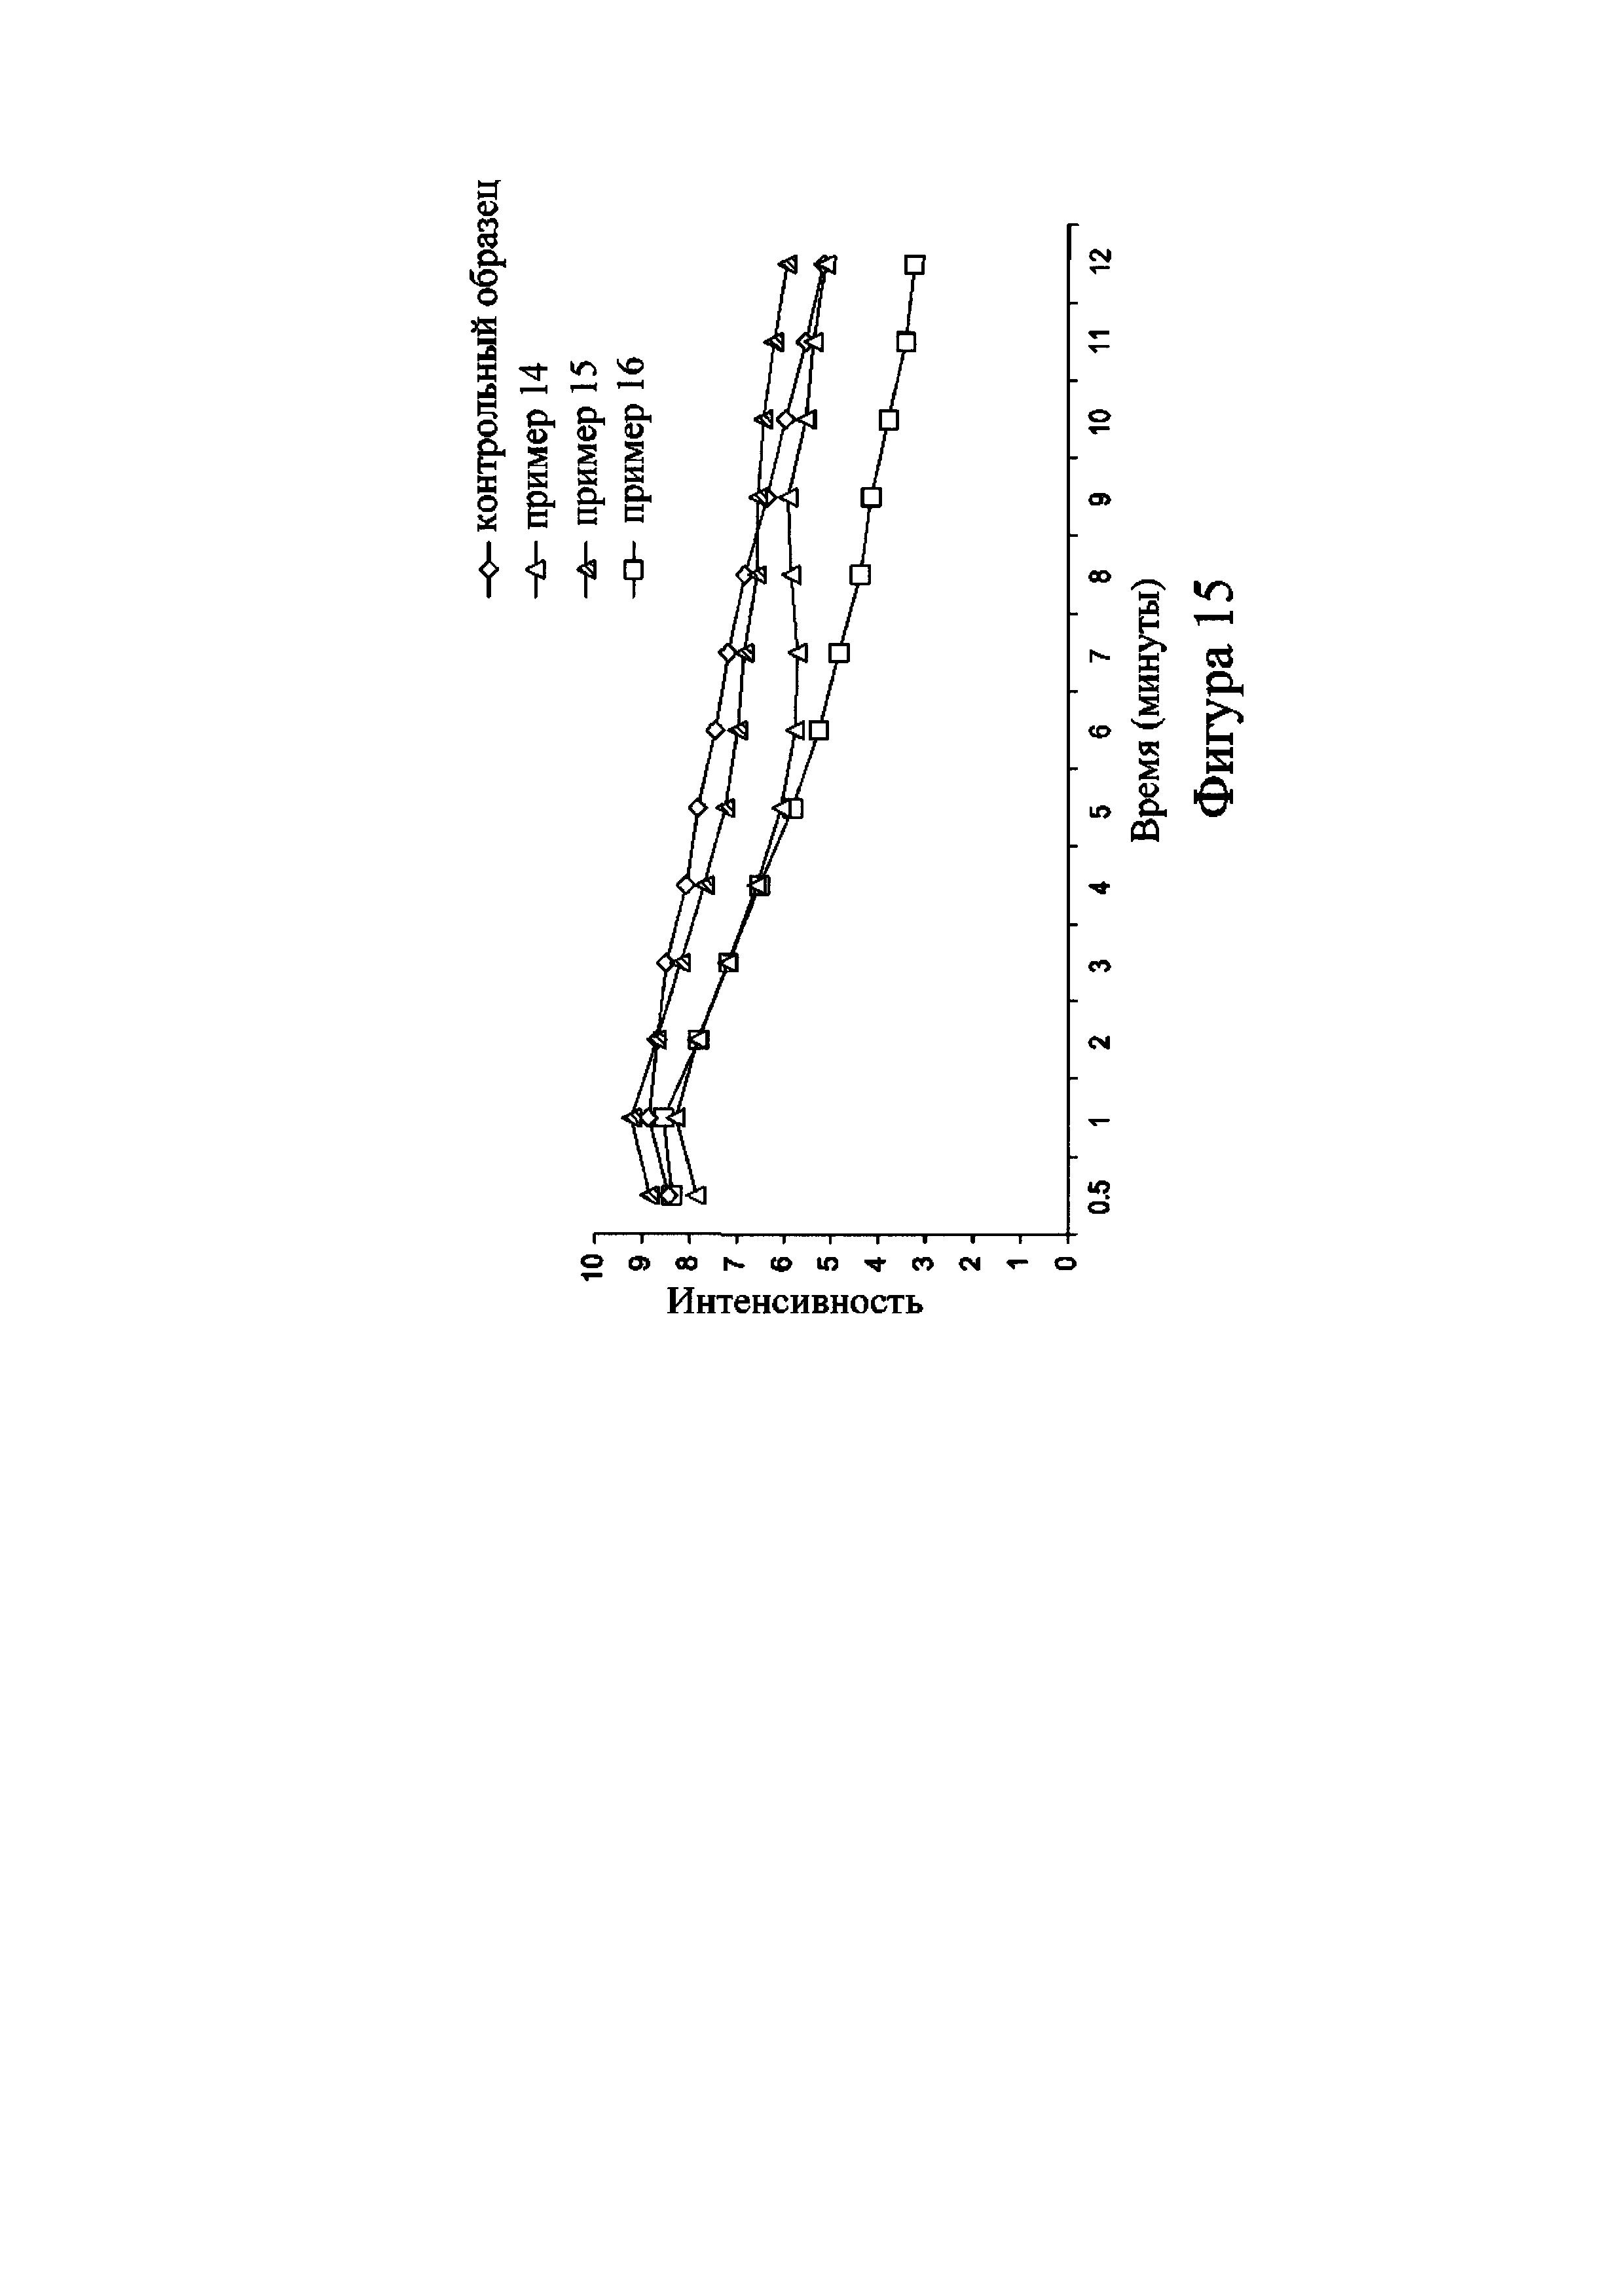 Композиция жевательной резинки (варианты)